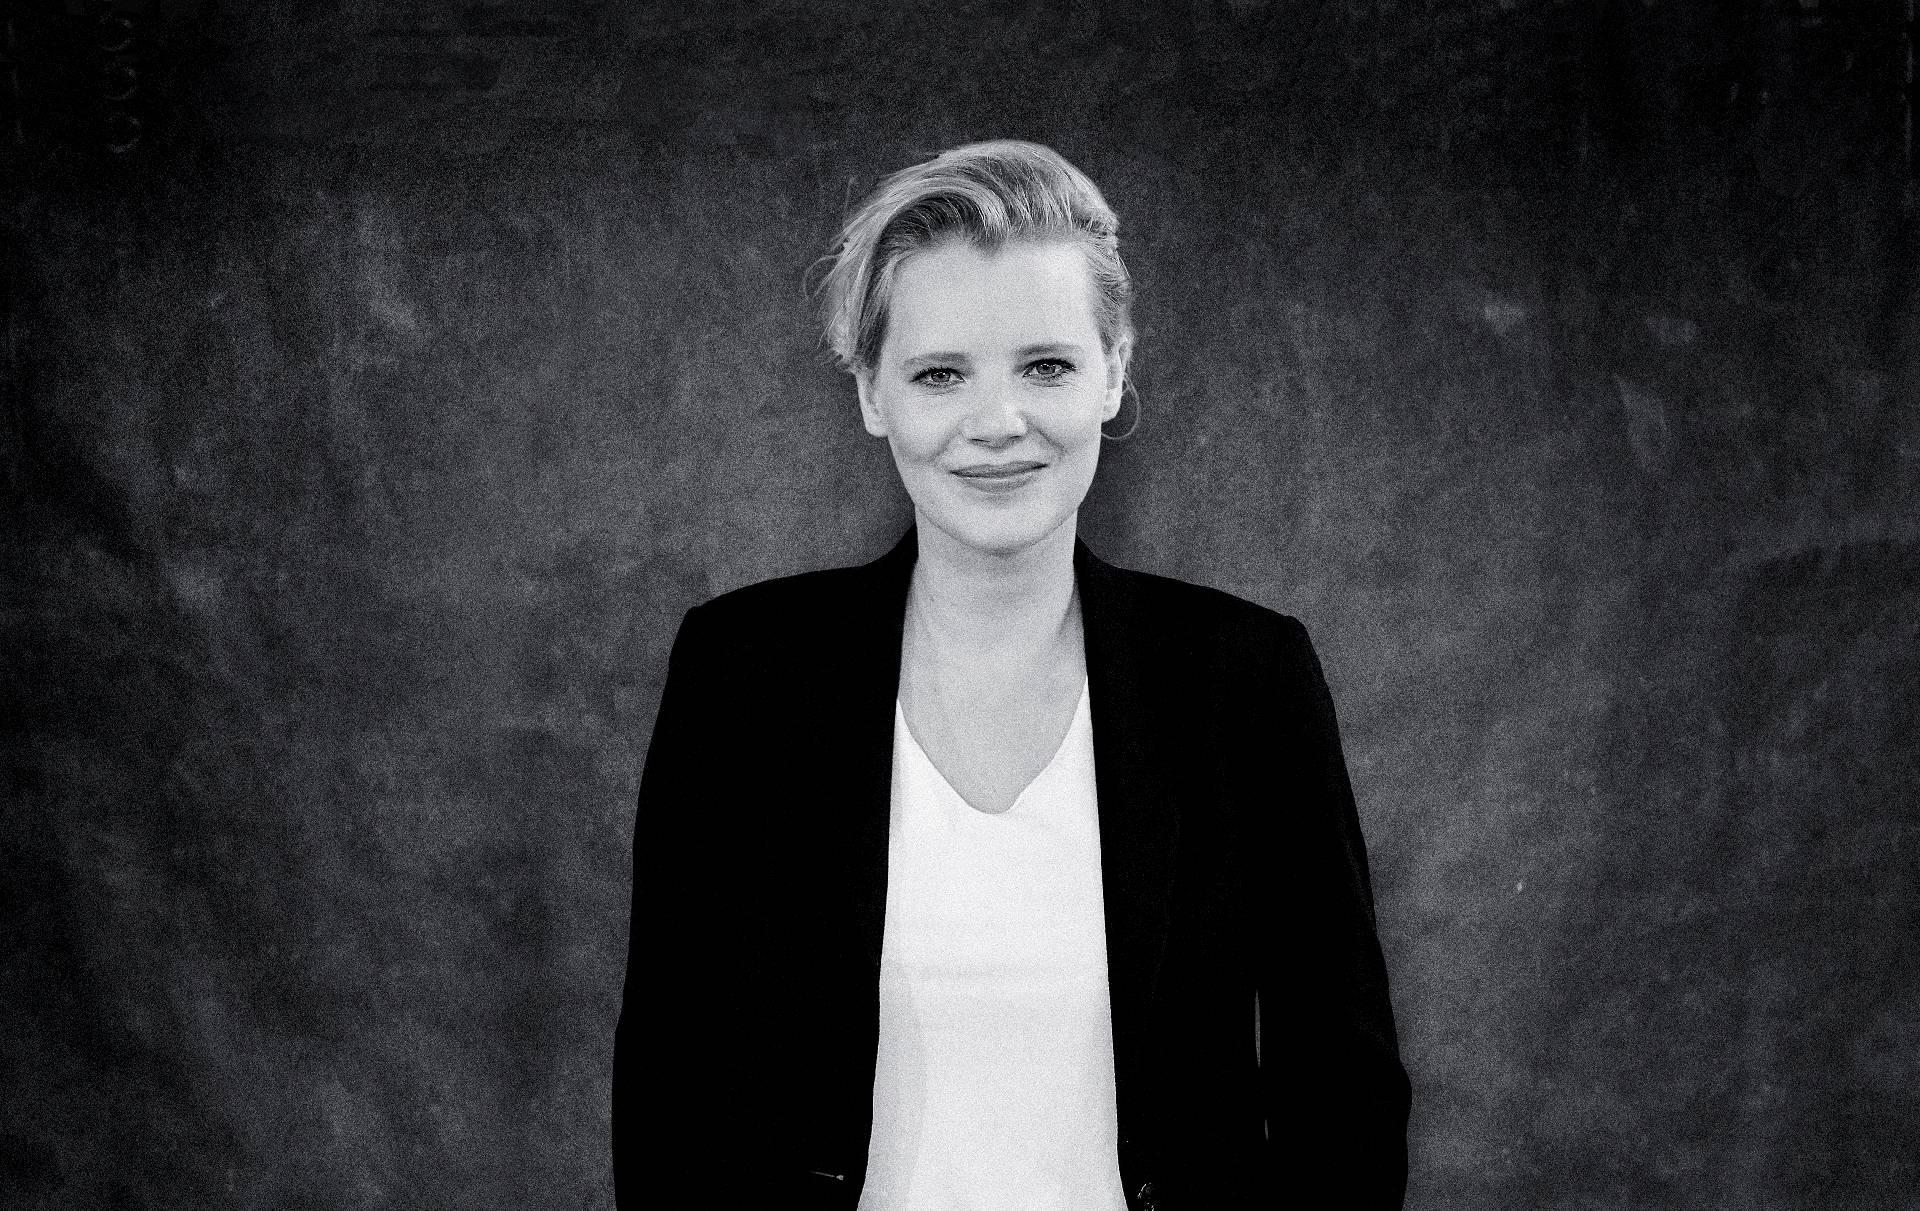 Joanna Kulig, foto ⓒ KAMIL PIKLIKIEWICZ DDTVN EAST NEWS (źródło: materiały prasowe organizatora)